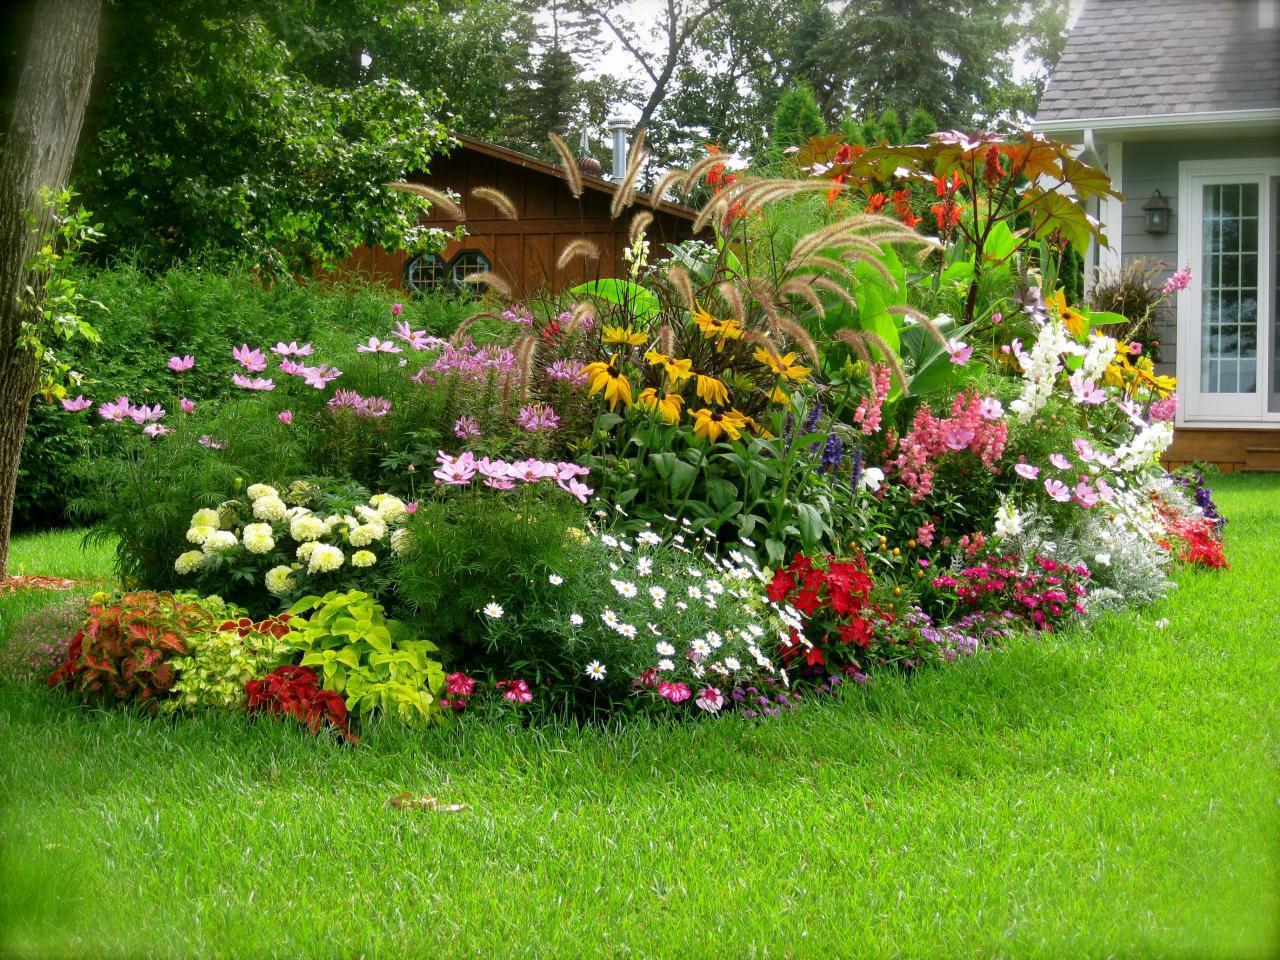 Záhrada ... predstava o kvetoch, kríkoch a stromoch - Obrázok č. 202